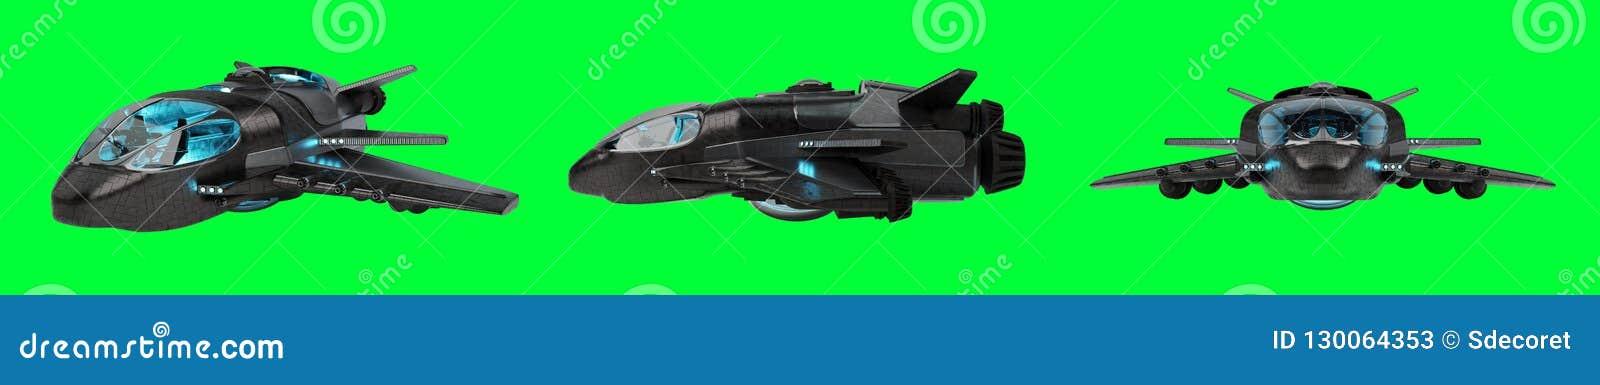 Raccolta futuristica del veicolo spaziale isolata su fondo verde 3D